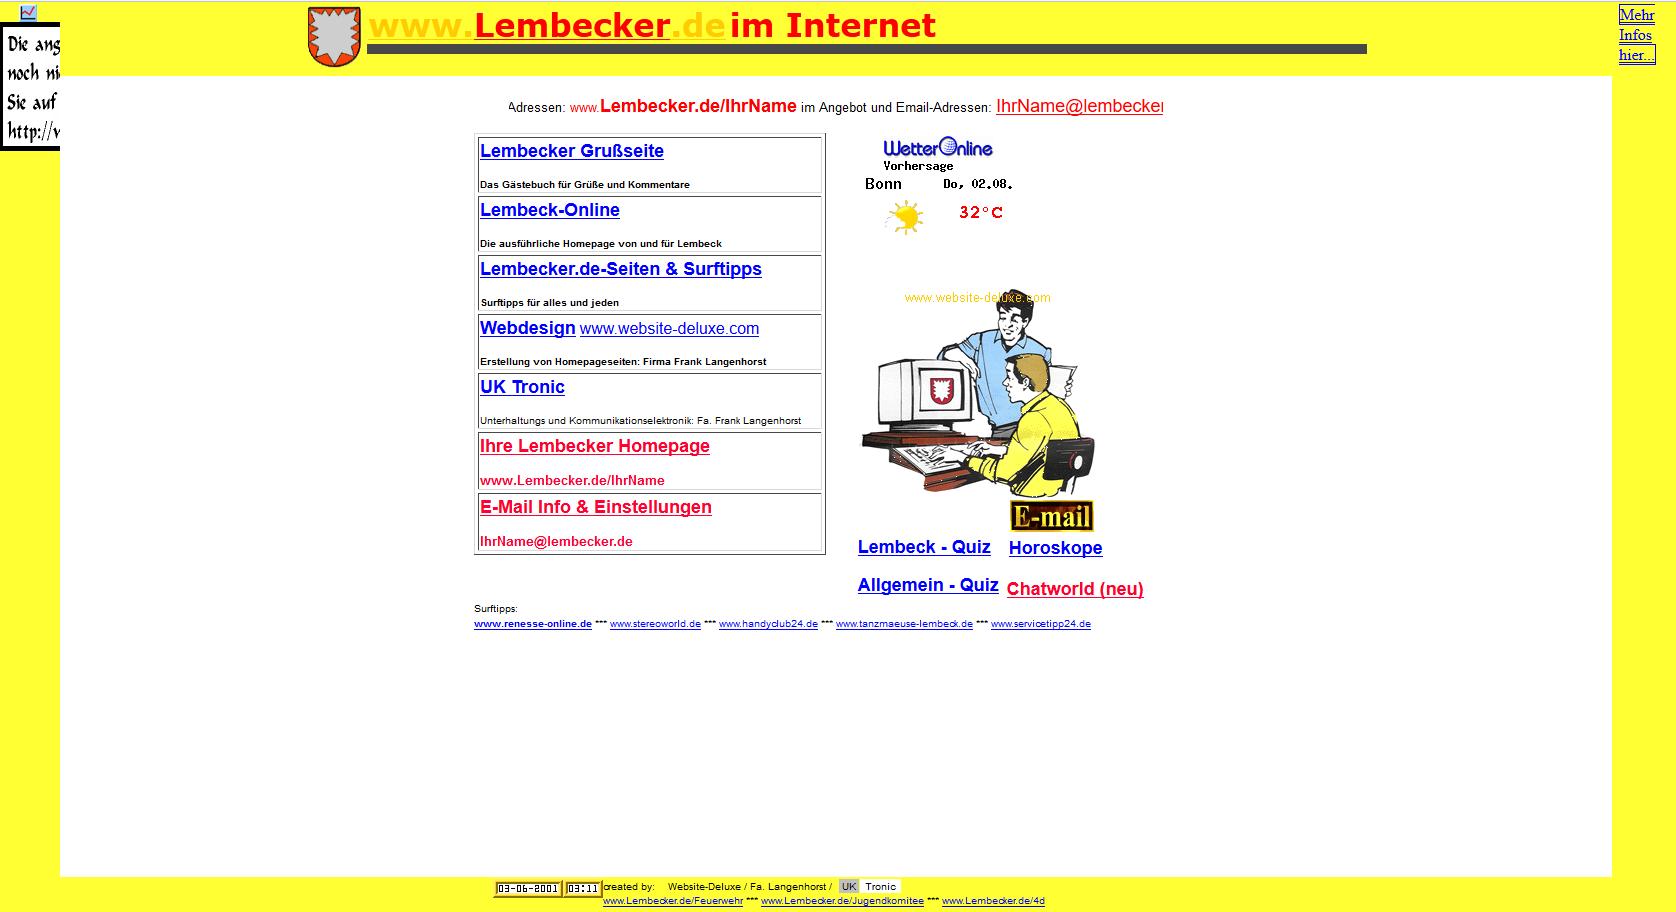 lembecker.de-03.06.2001